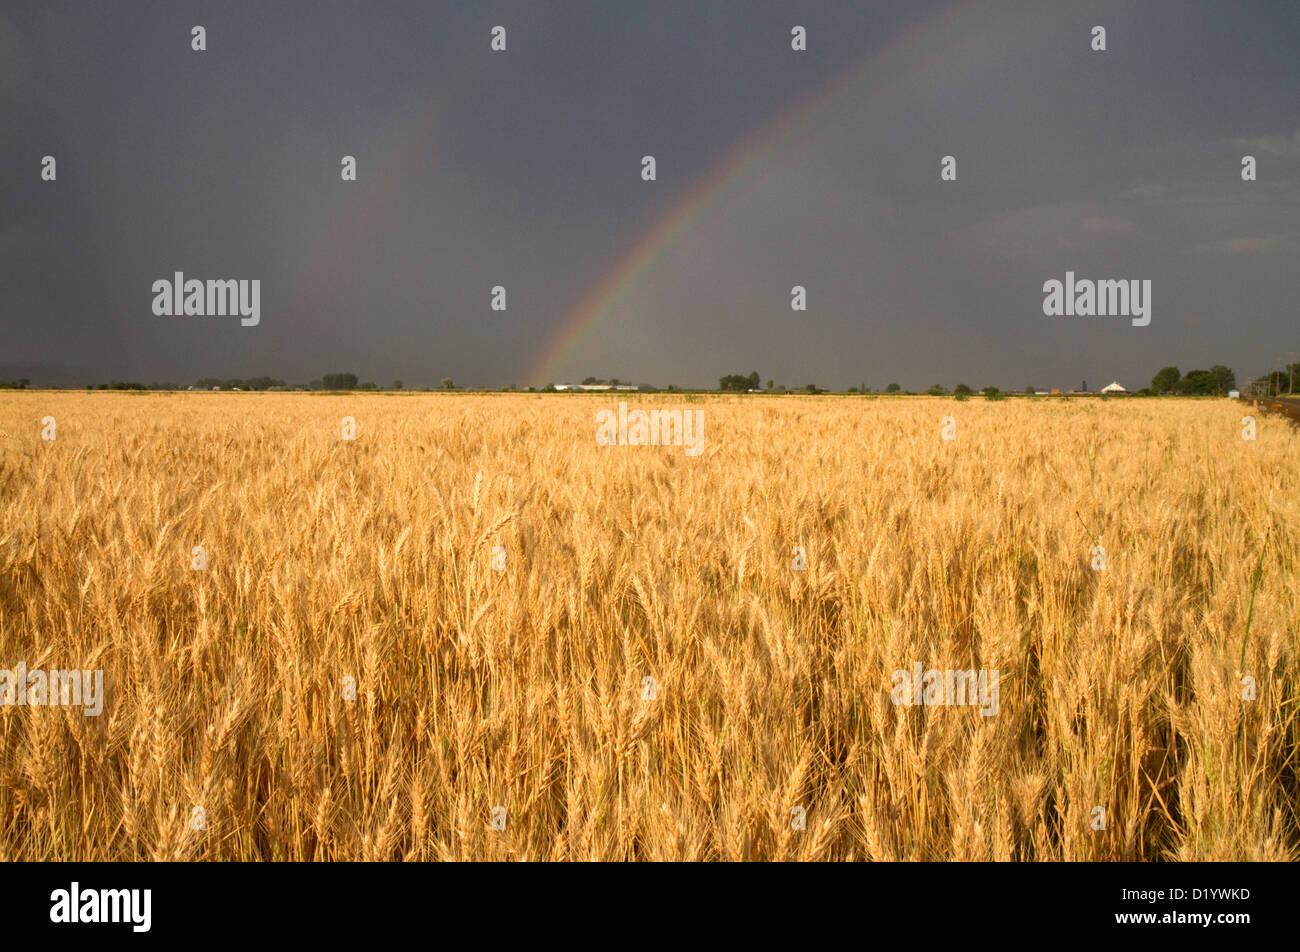 Golden campo di grano con arcobaleno nel cielo, Payette County, Idaho, Stati Uniti d'America. Immagini Stock